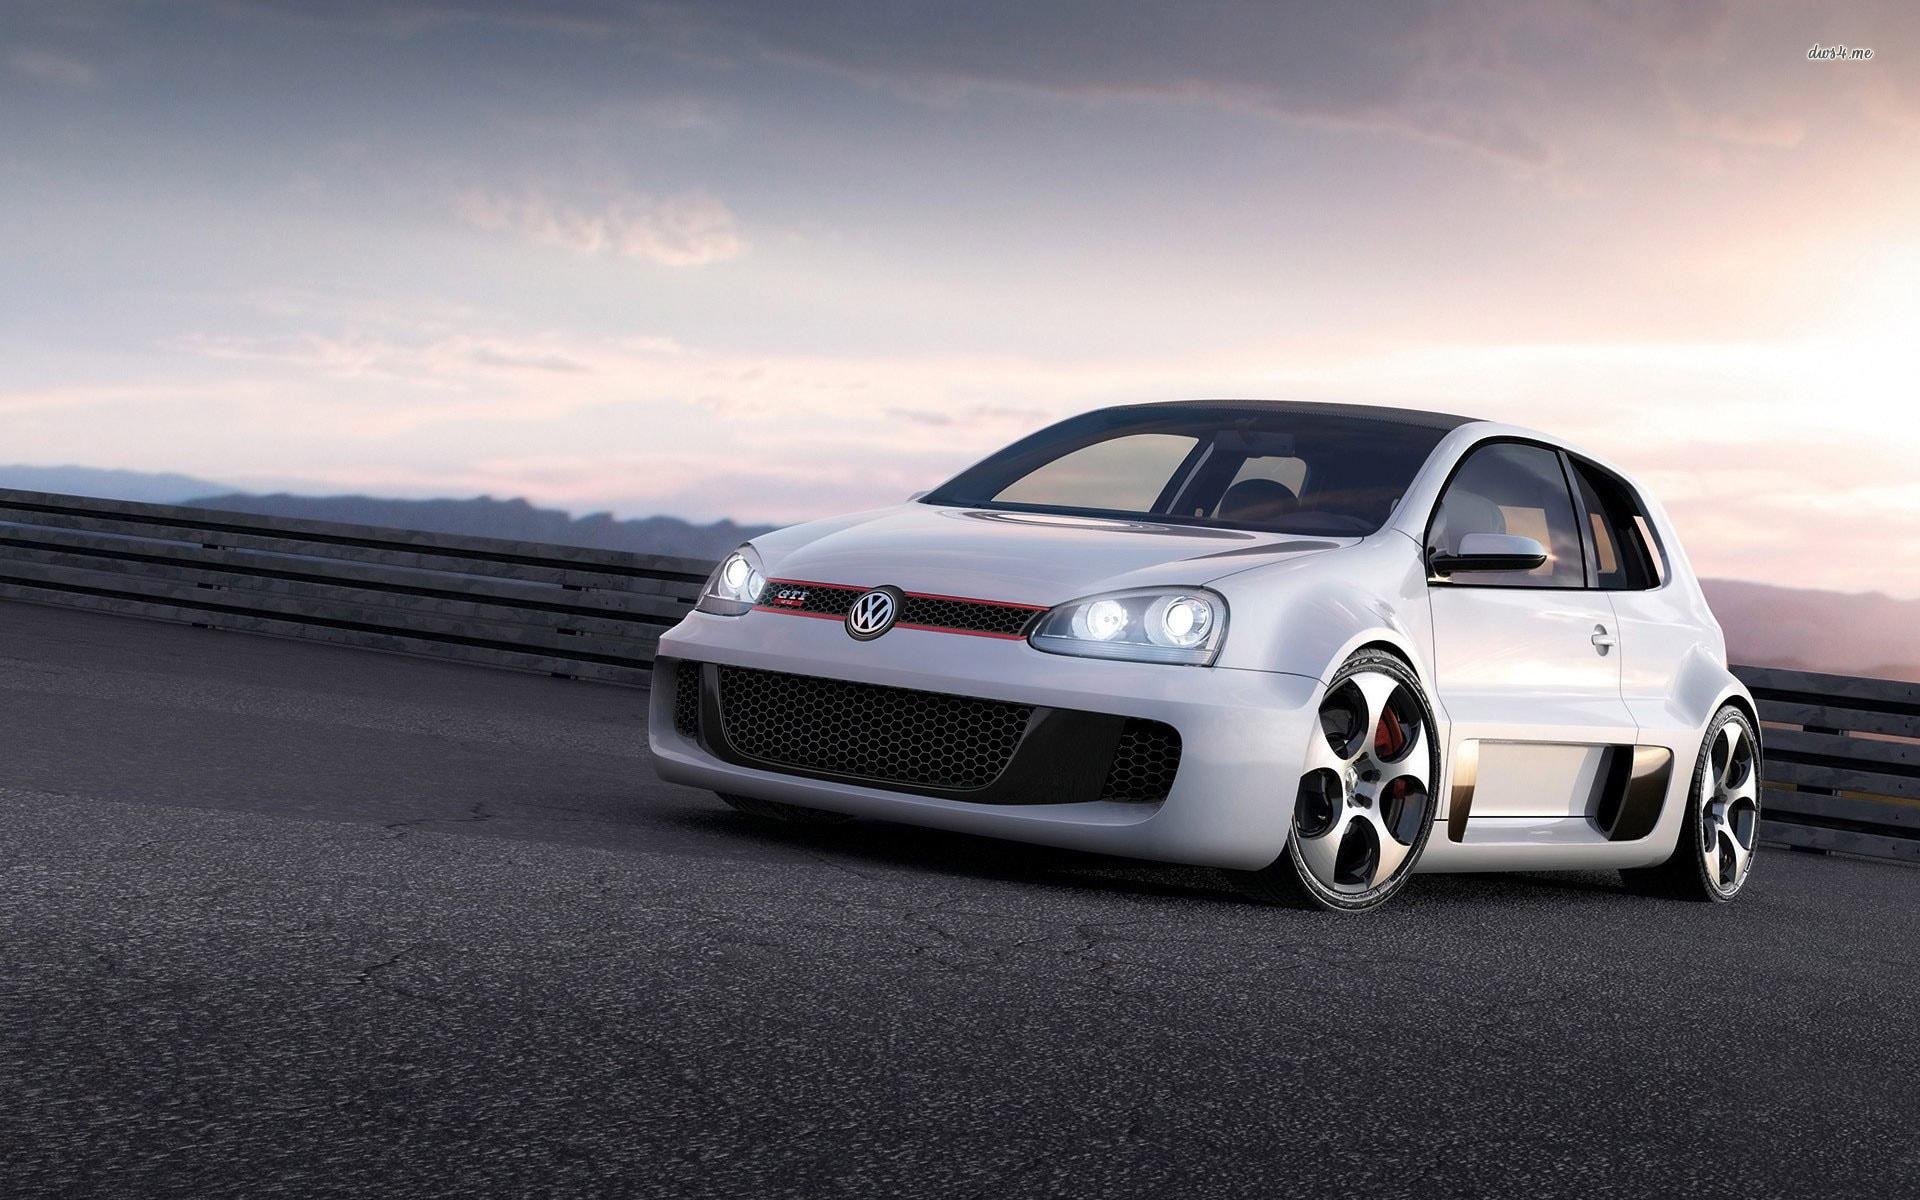 Volkswagen Golf GTI W12-650 Concept Wallpapers